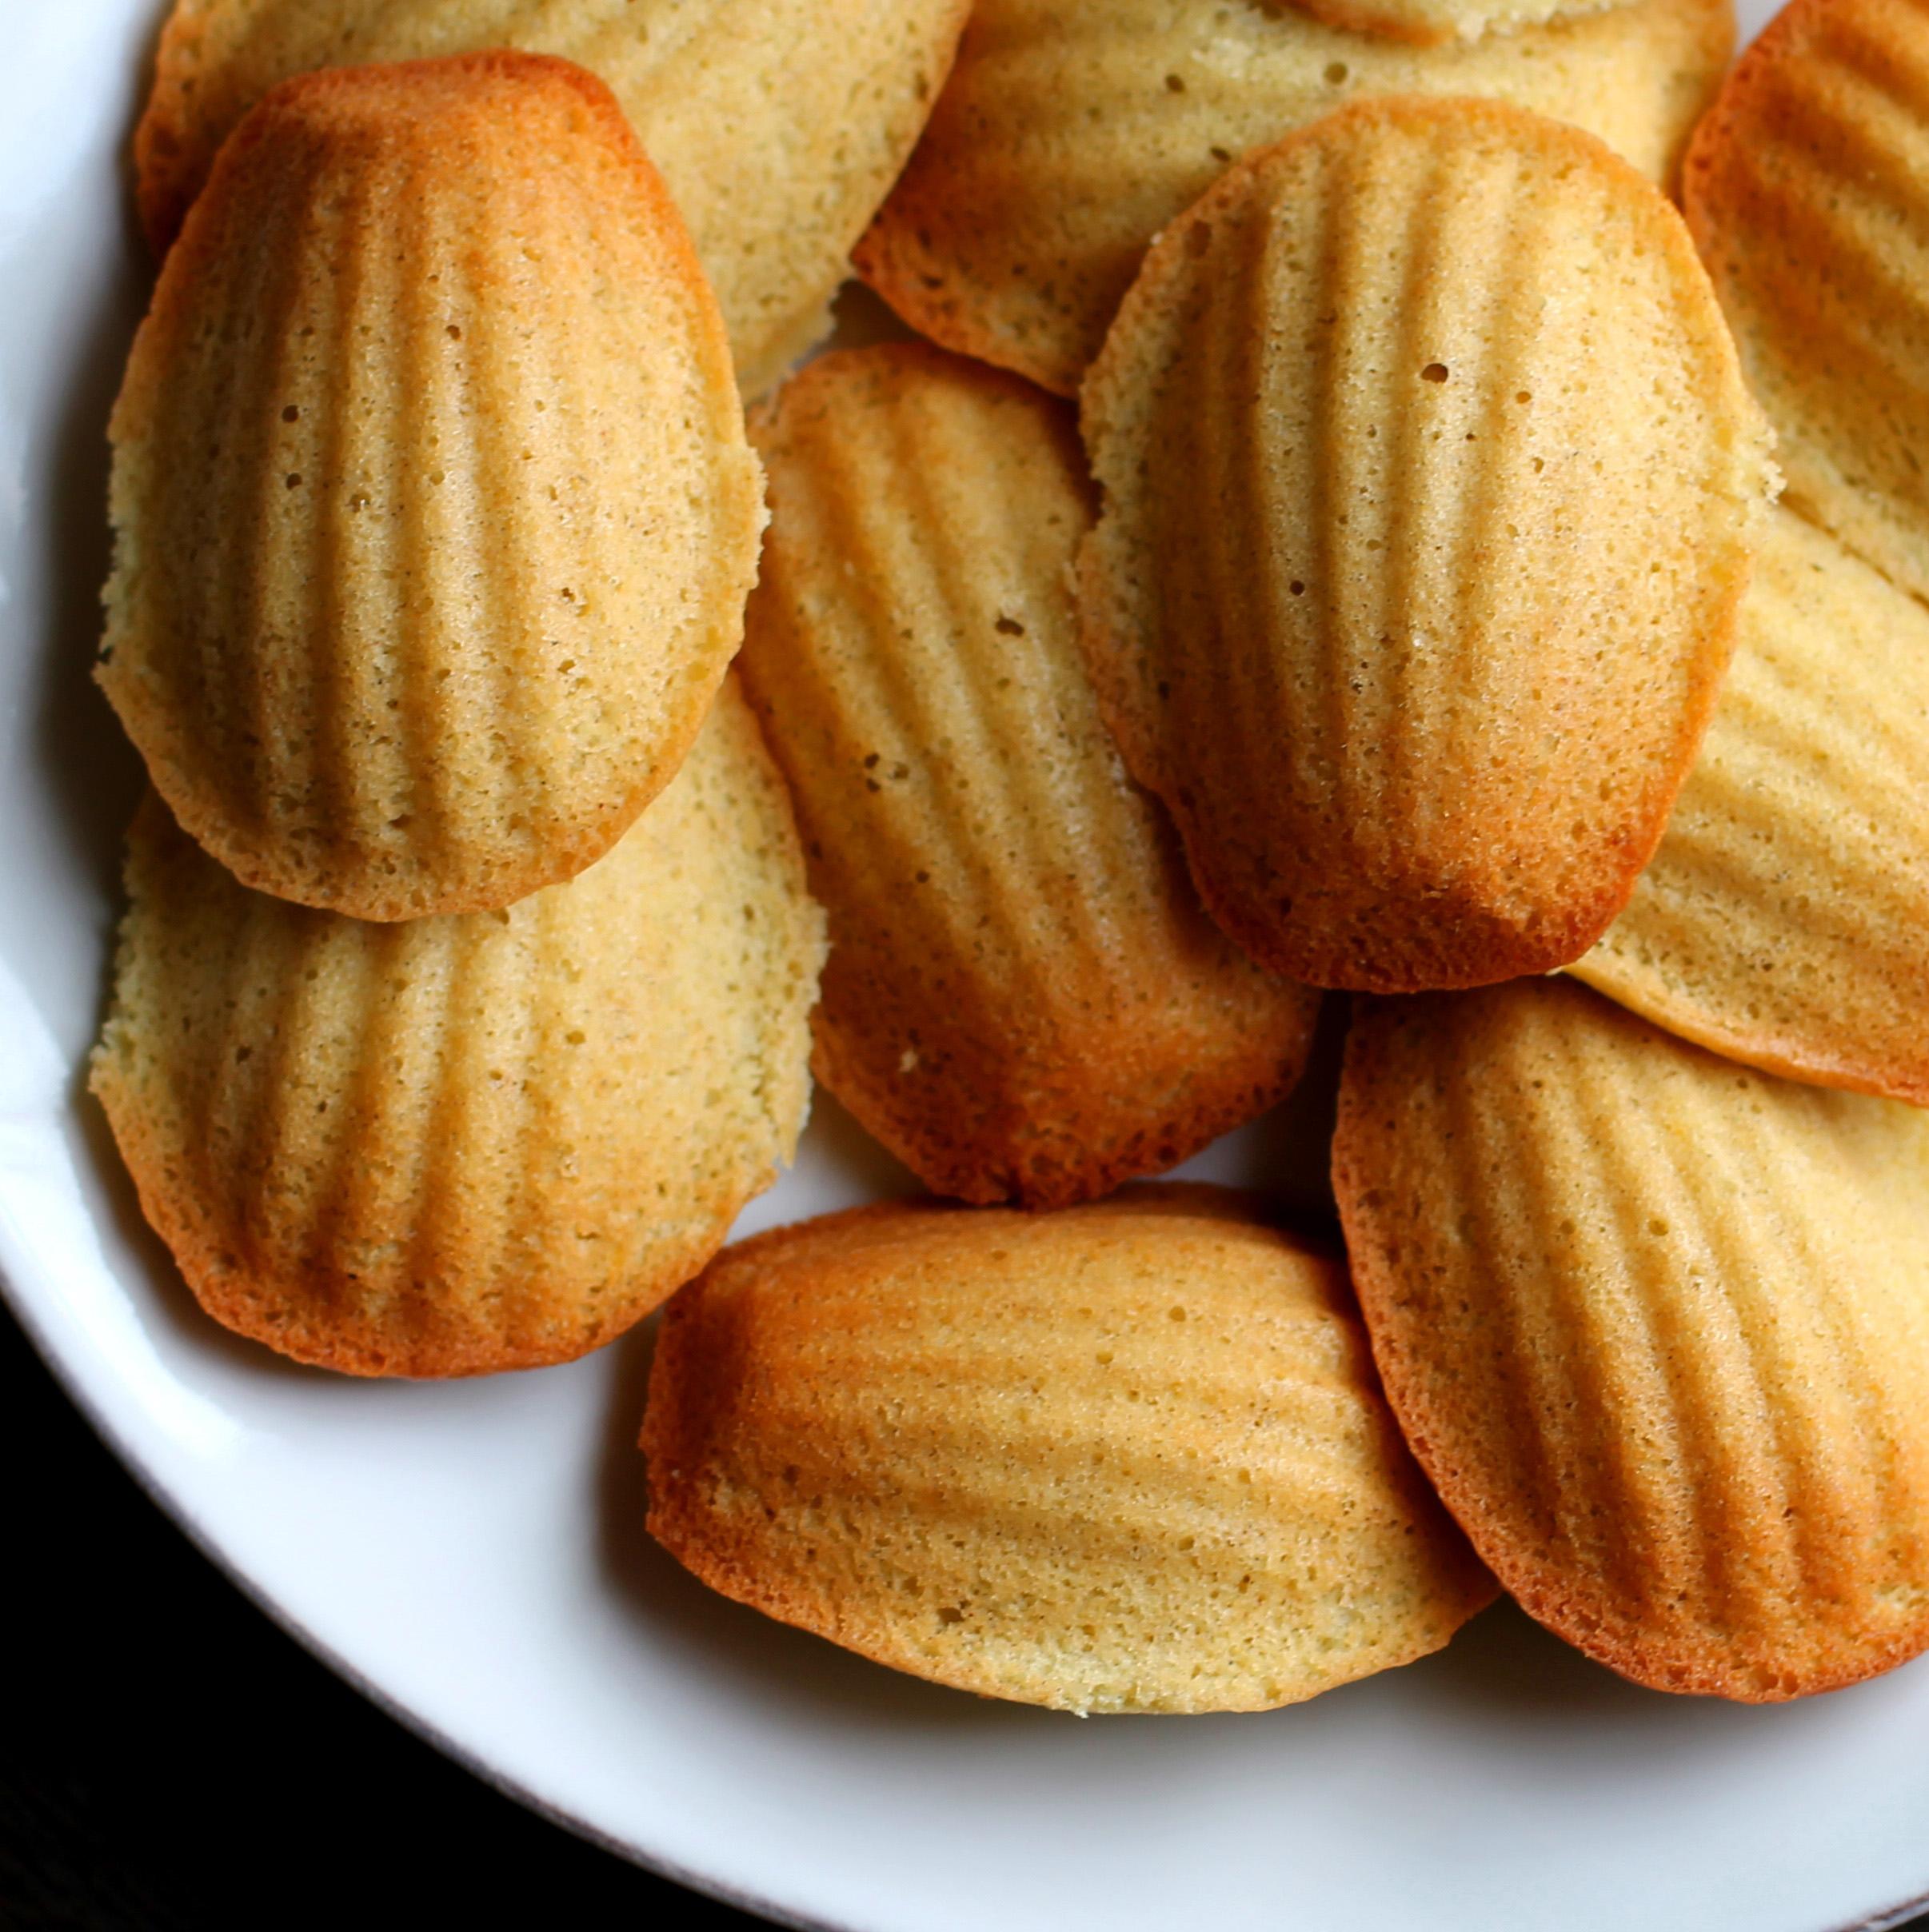 Мадлен StMichel, бисквитное печенье в форме морских гребешков